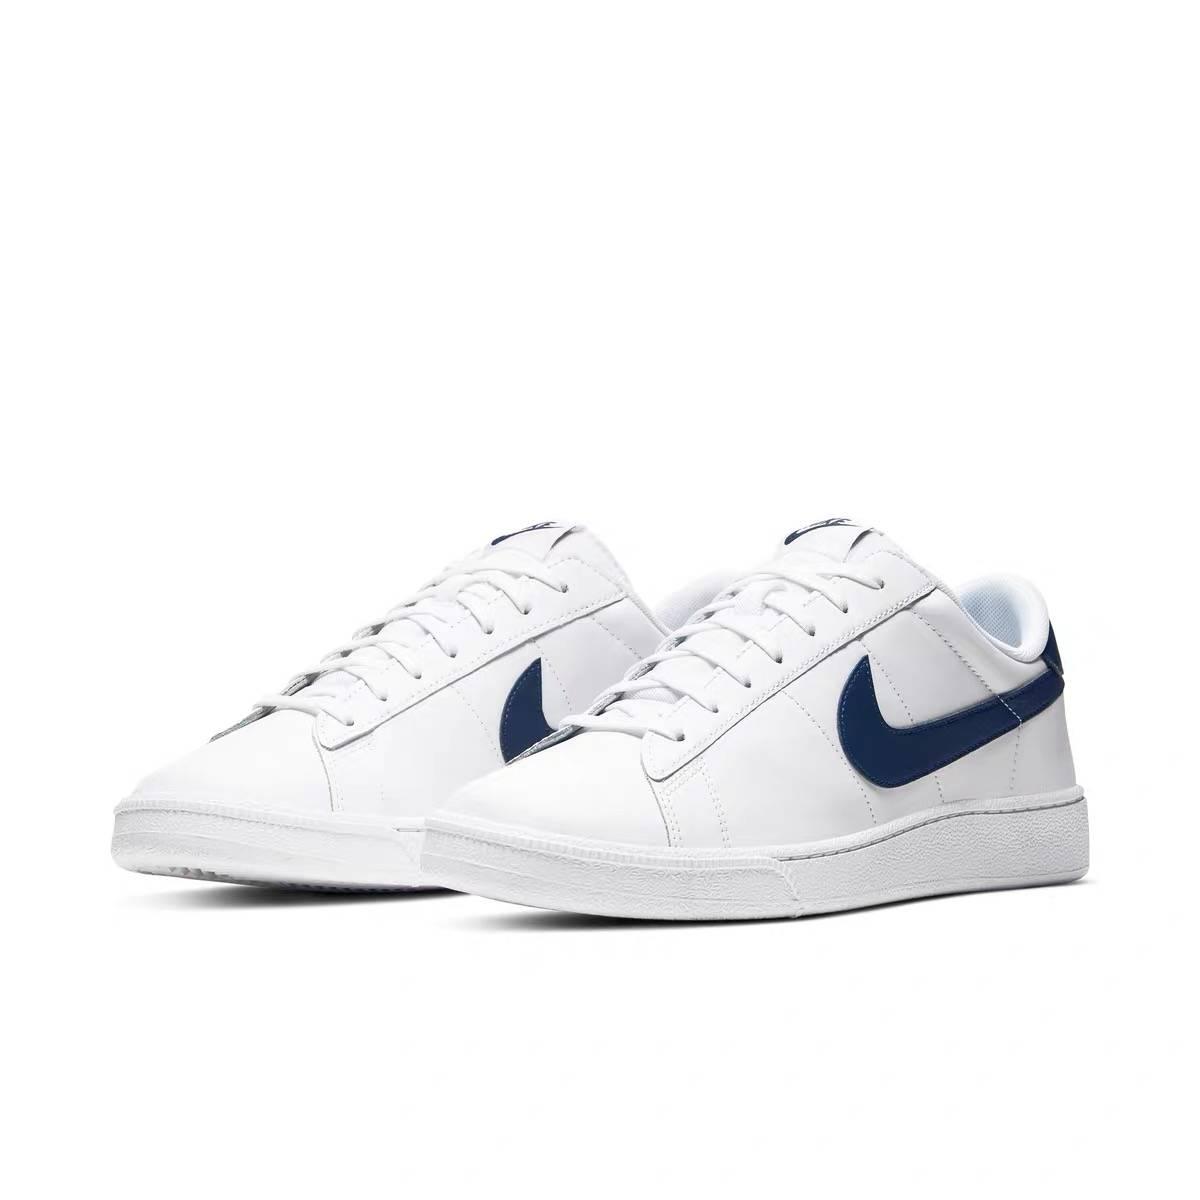 双11预售:Nike耐克 TENNIS CLASSIC CS男子 运动休闲 板鞋683613 264元包邮